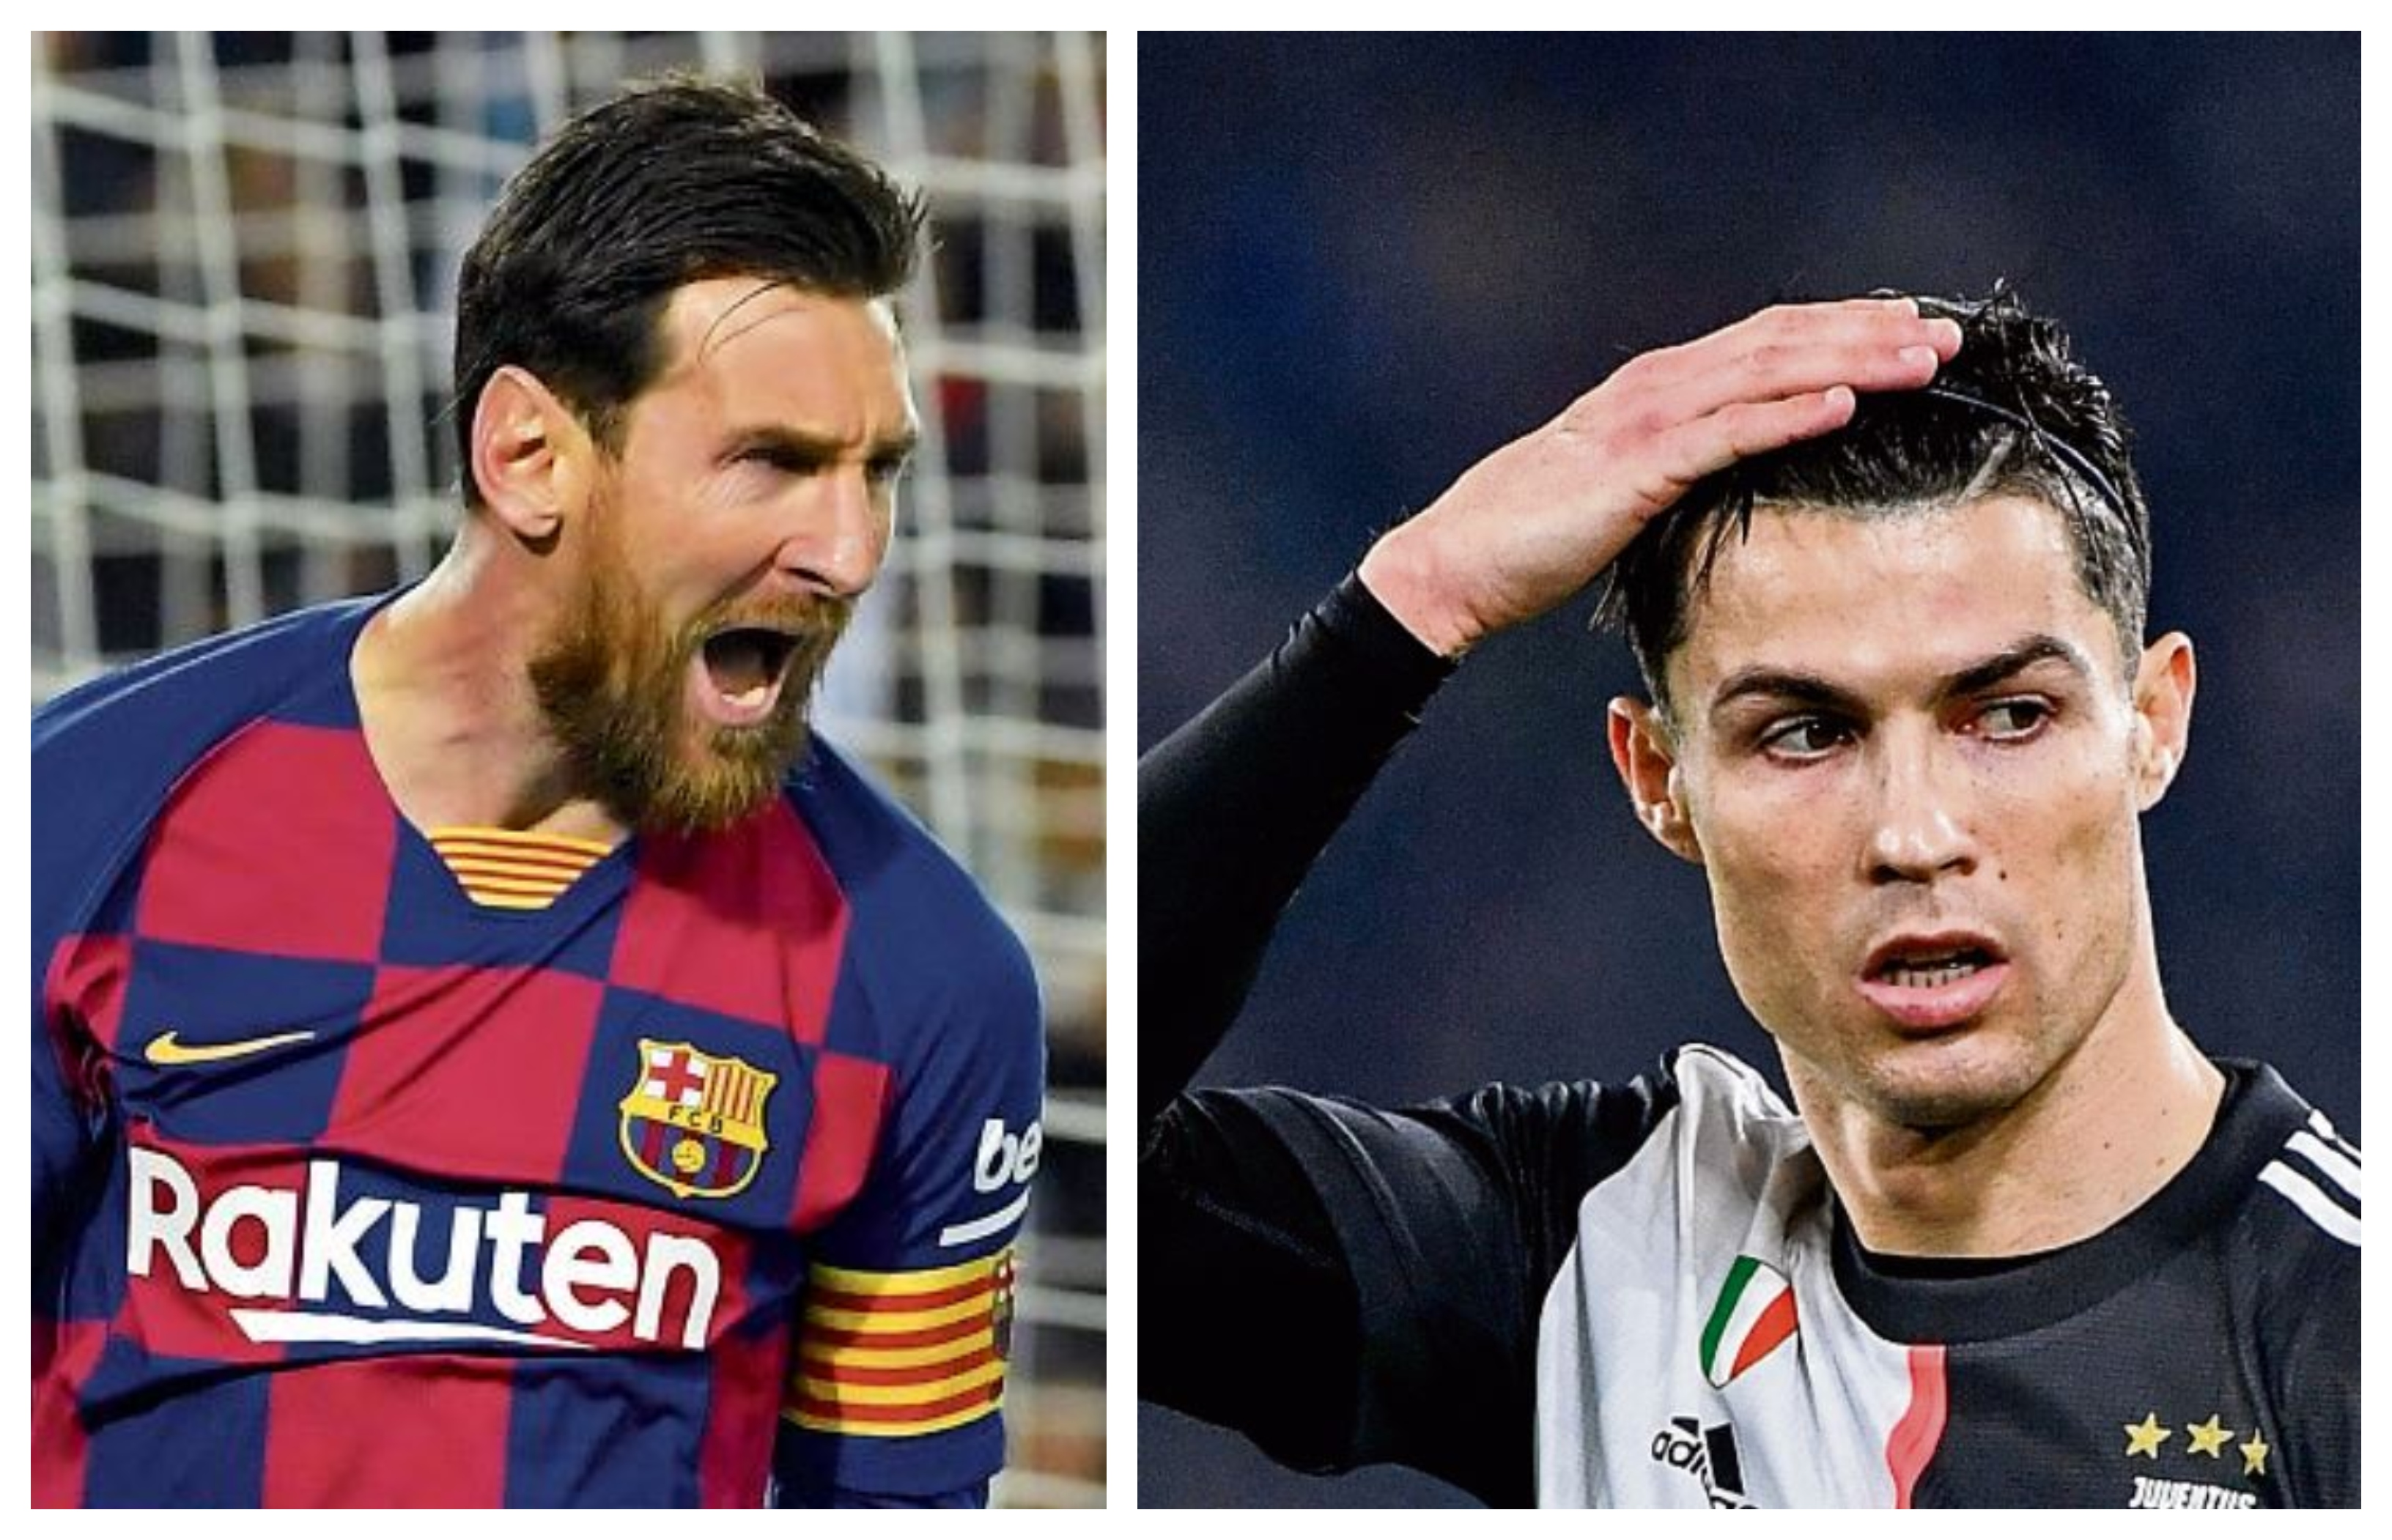 En Que Se Baso Un Estudio Para Asegurar Que Messi Es Dos Veces Mejor Que Cristiano Ronaldo Prensa Libre